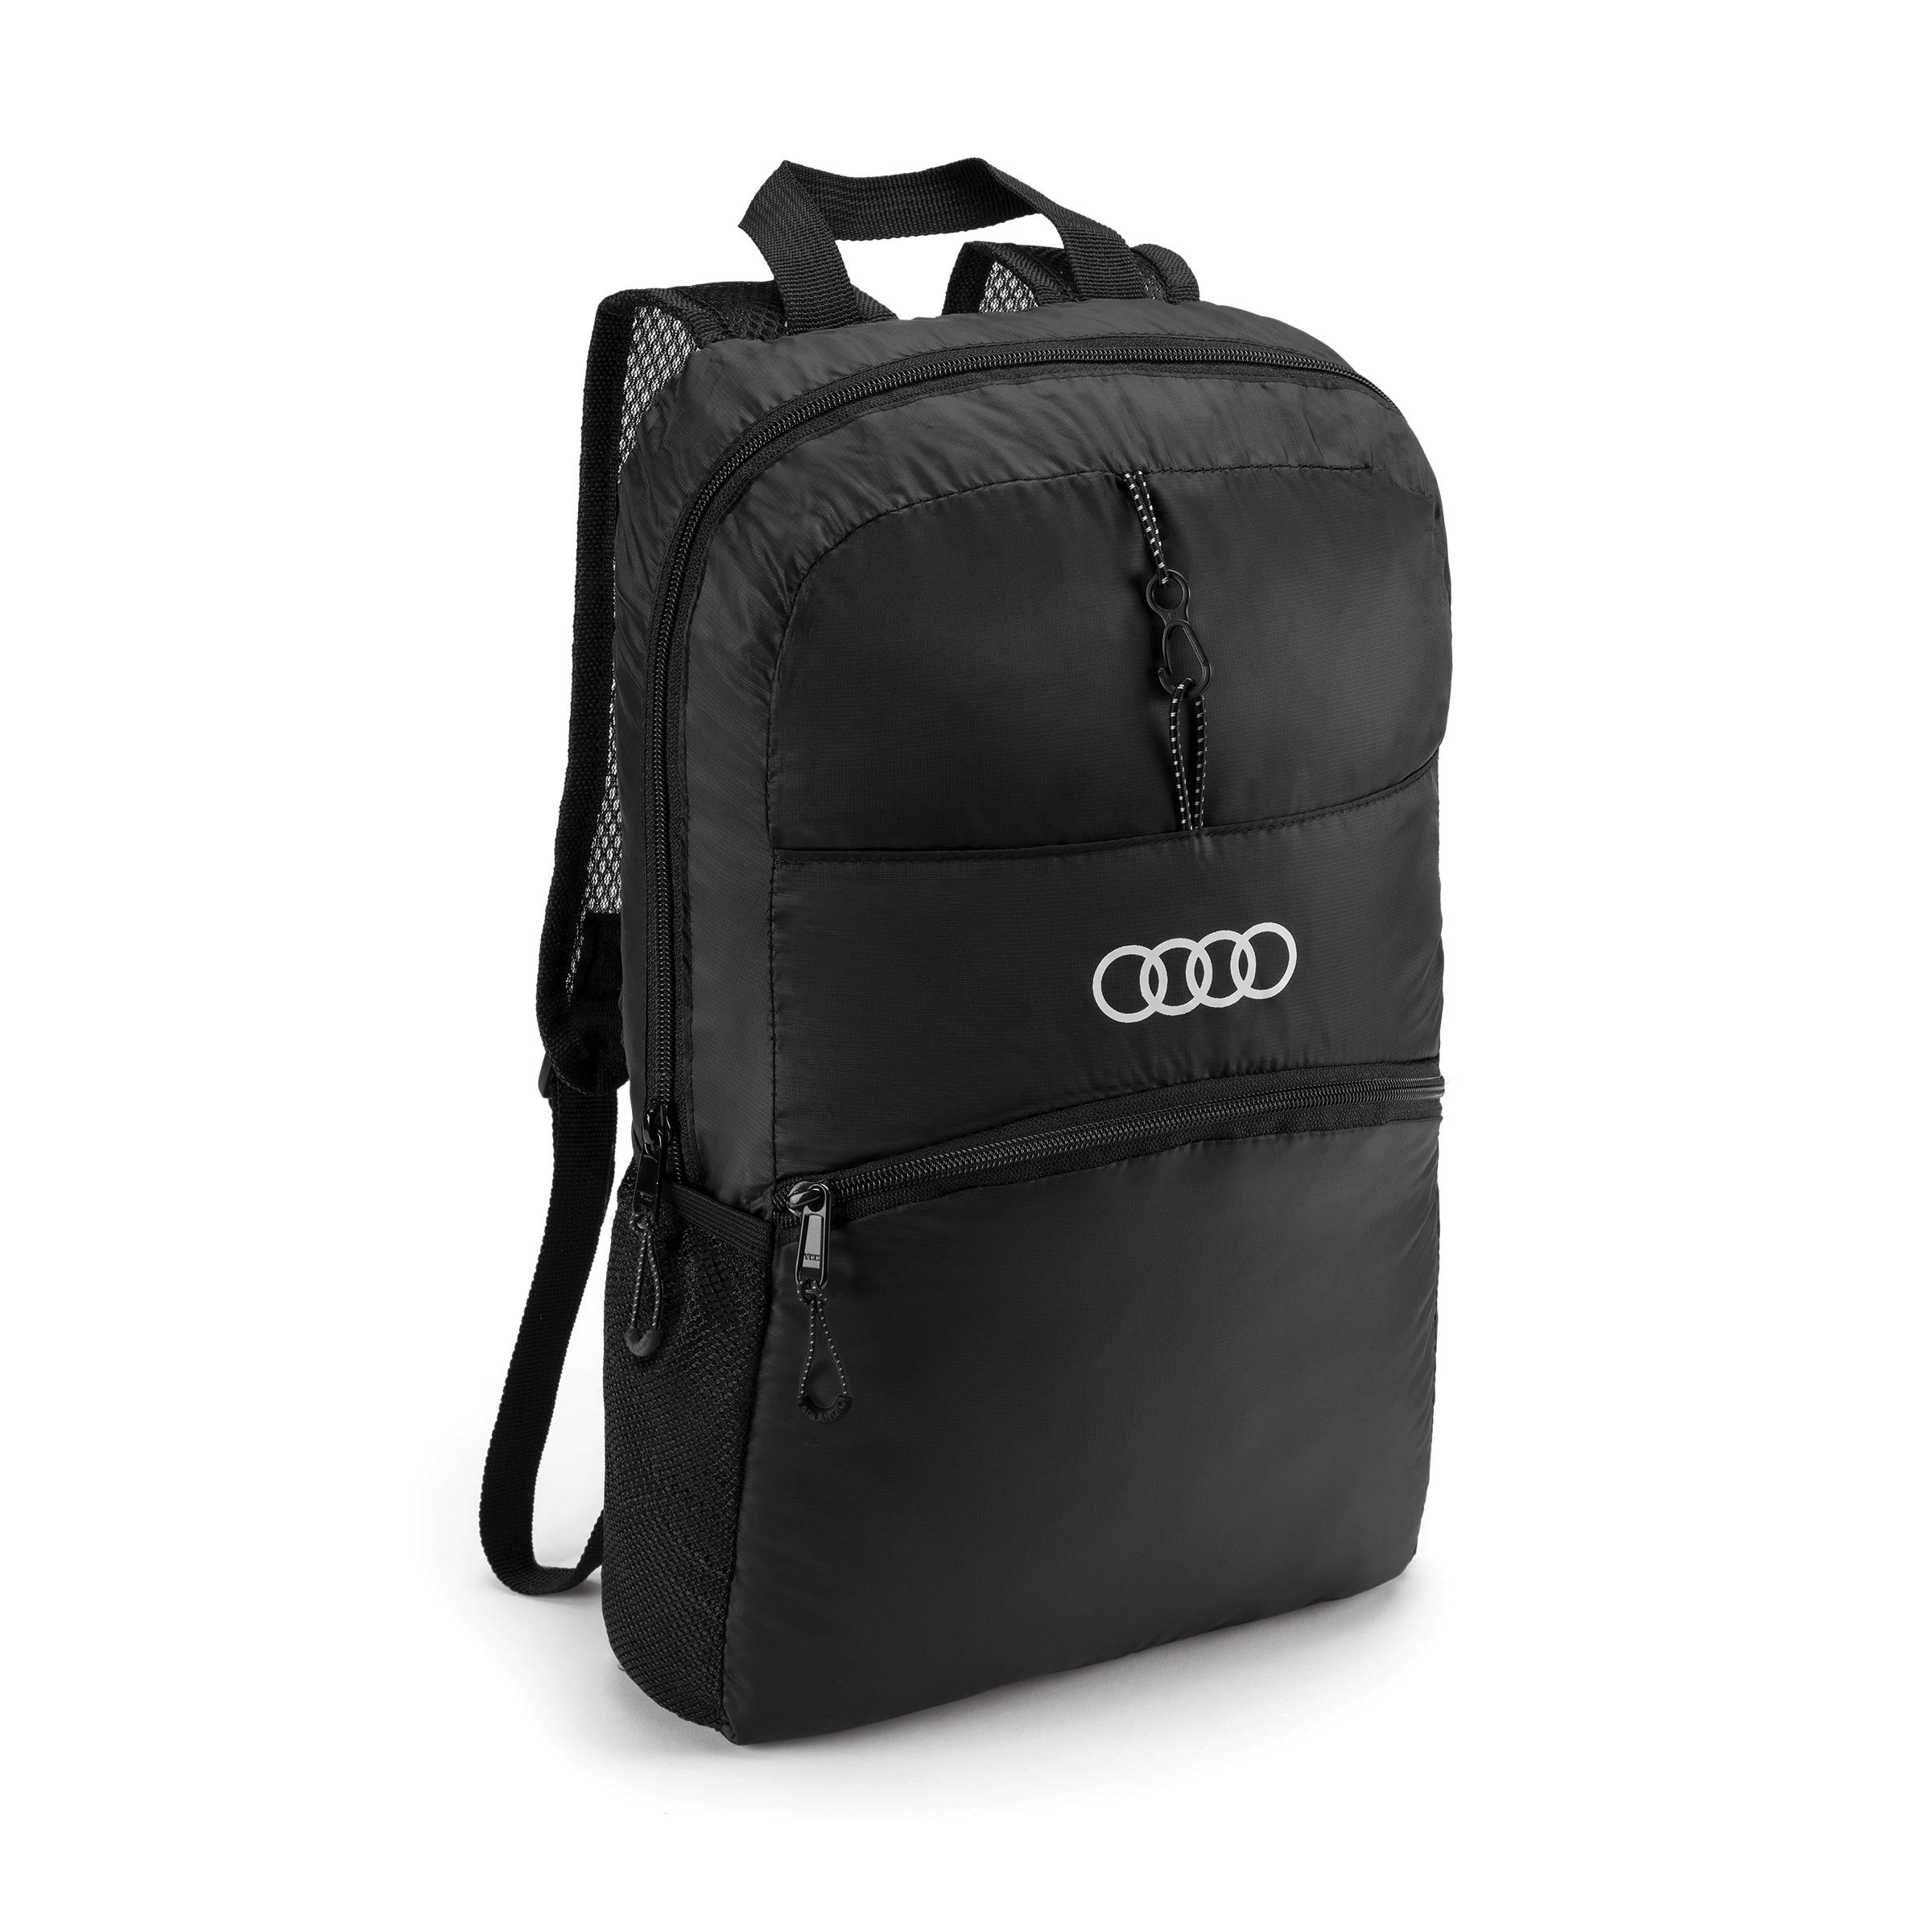 Audi Rucksack faltbar schwarz